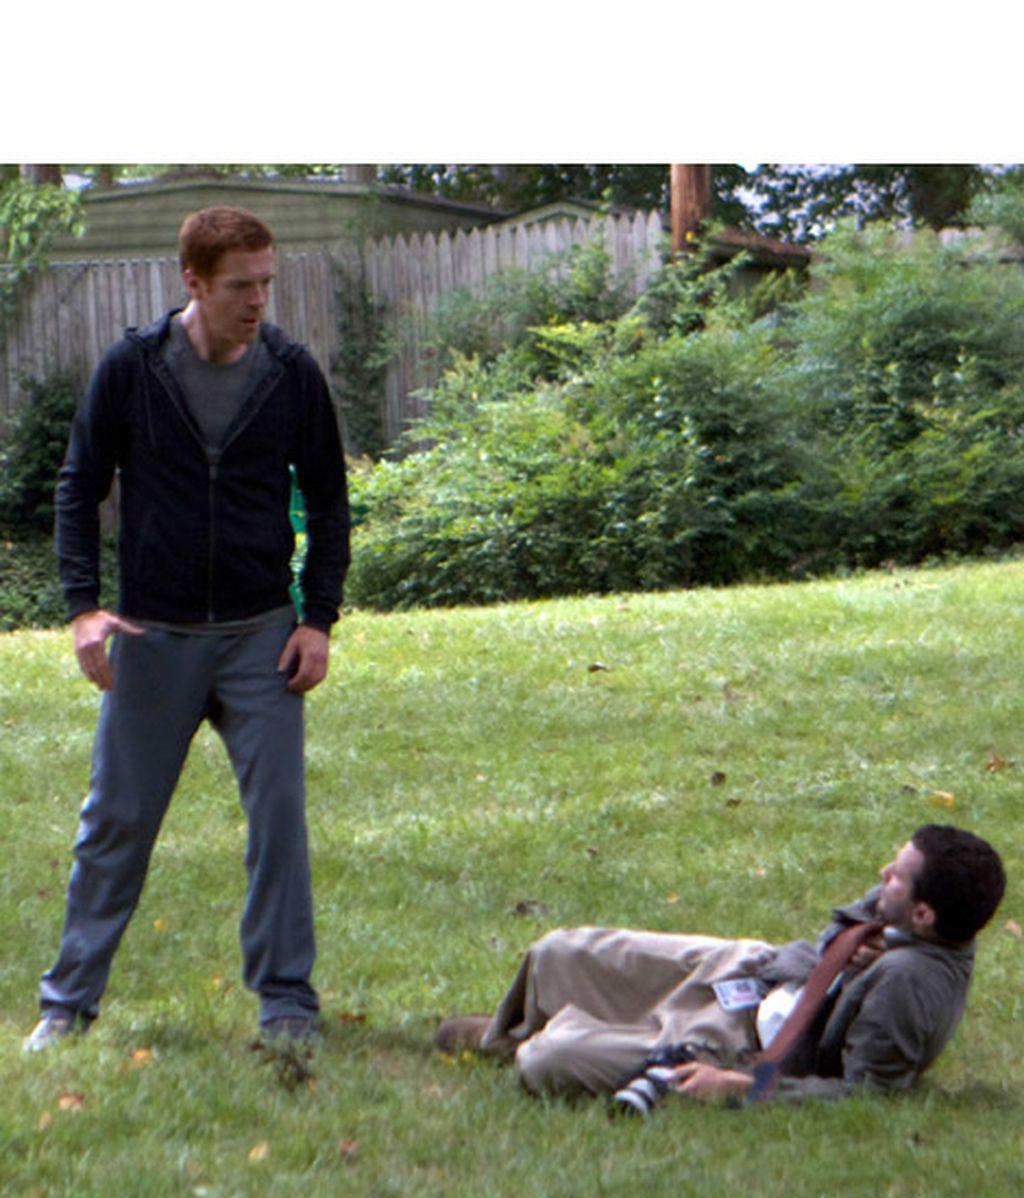 Claire Daines y Damian Lewis protagonizan la serie de intriga creada por los exguionistas de '24' Alex Gansa y Howard Gordon